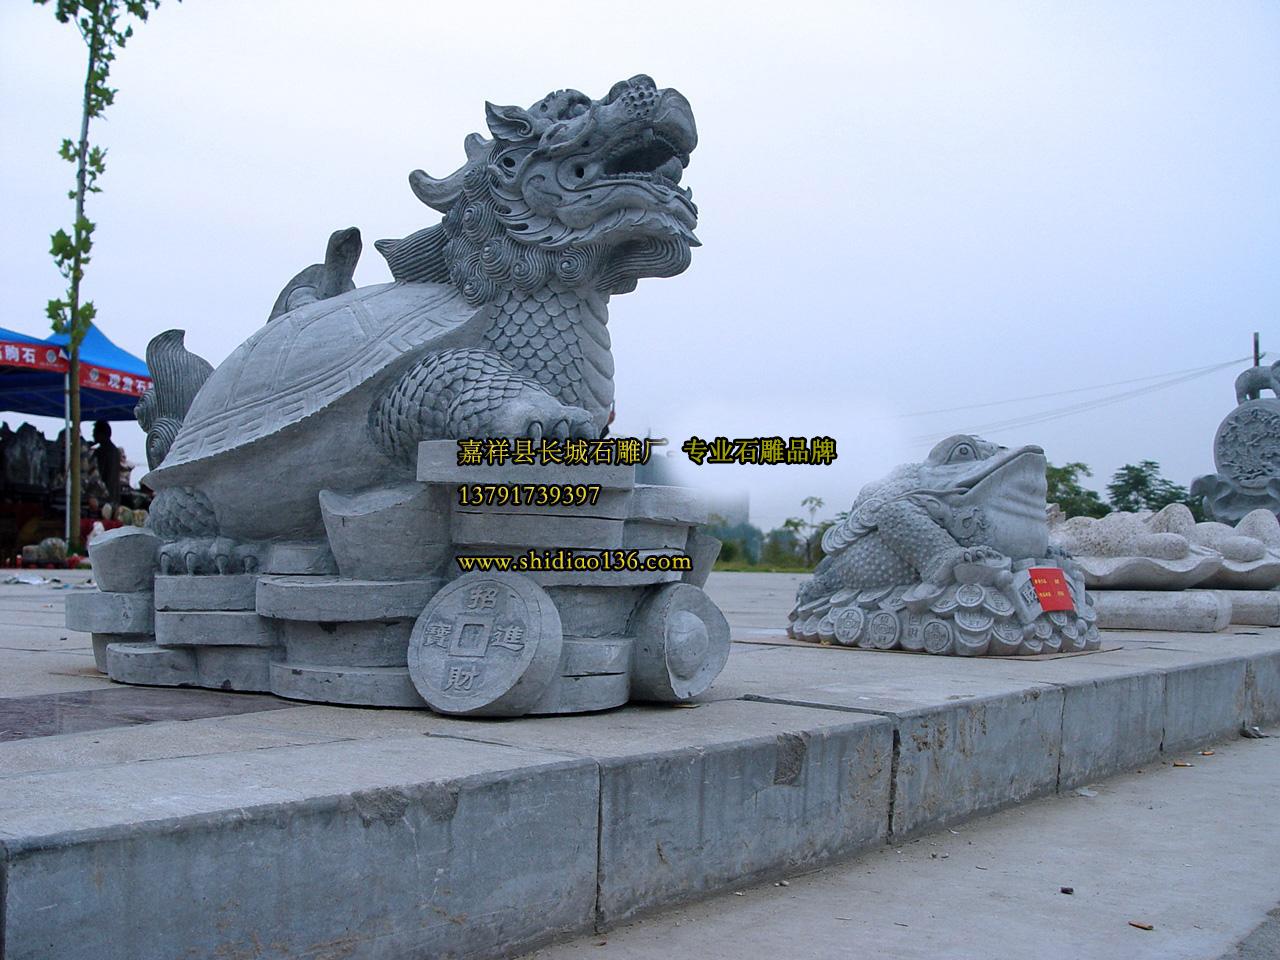 石雕工艺品展示广场,以及我们厂的获奖作品展示。